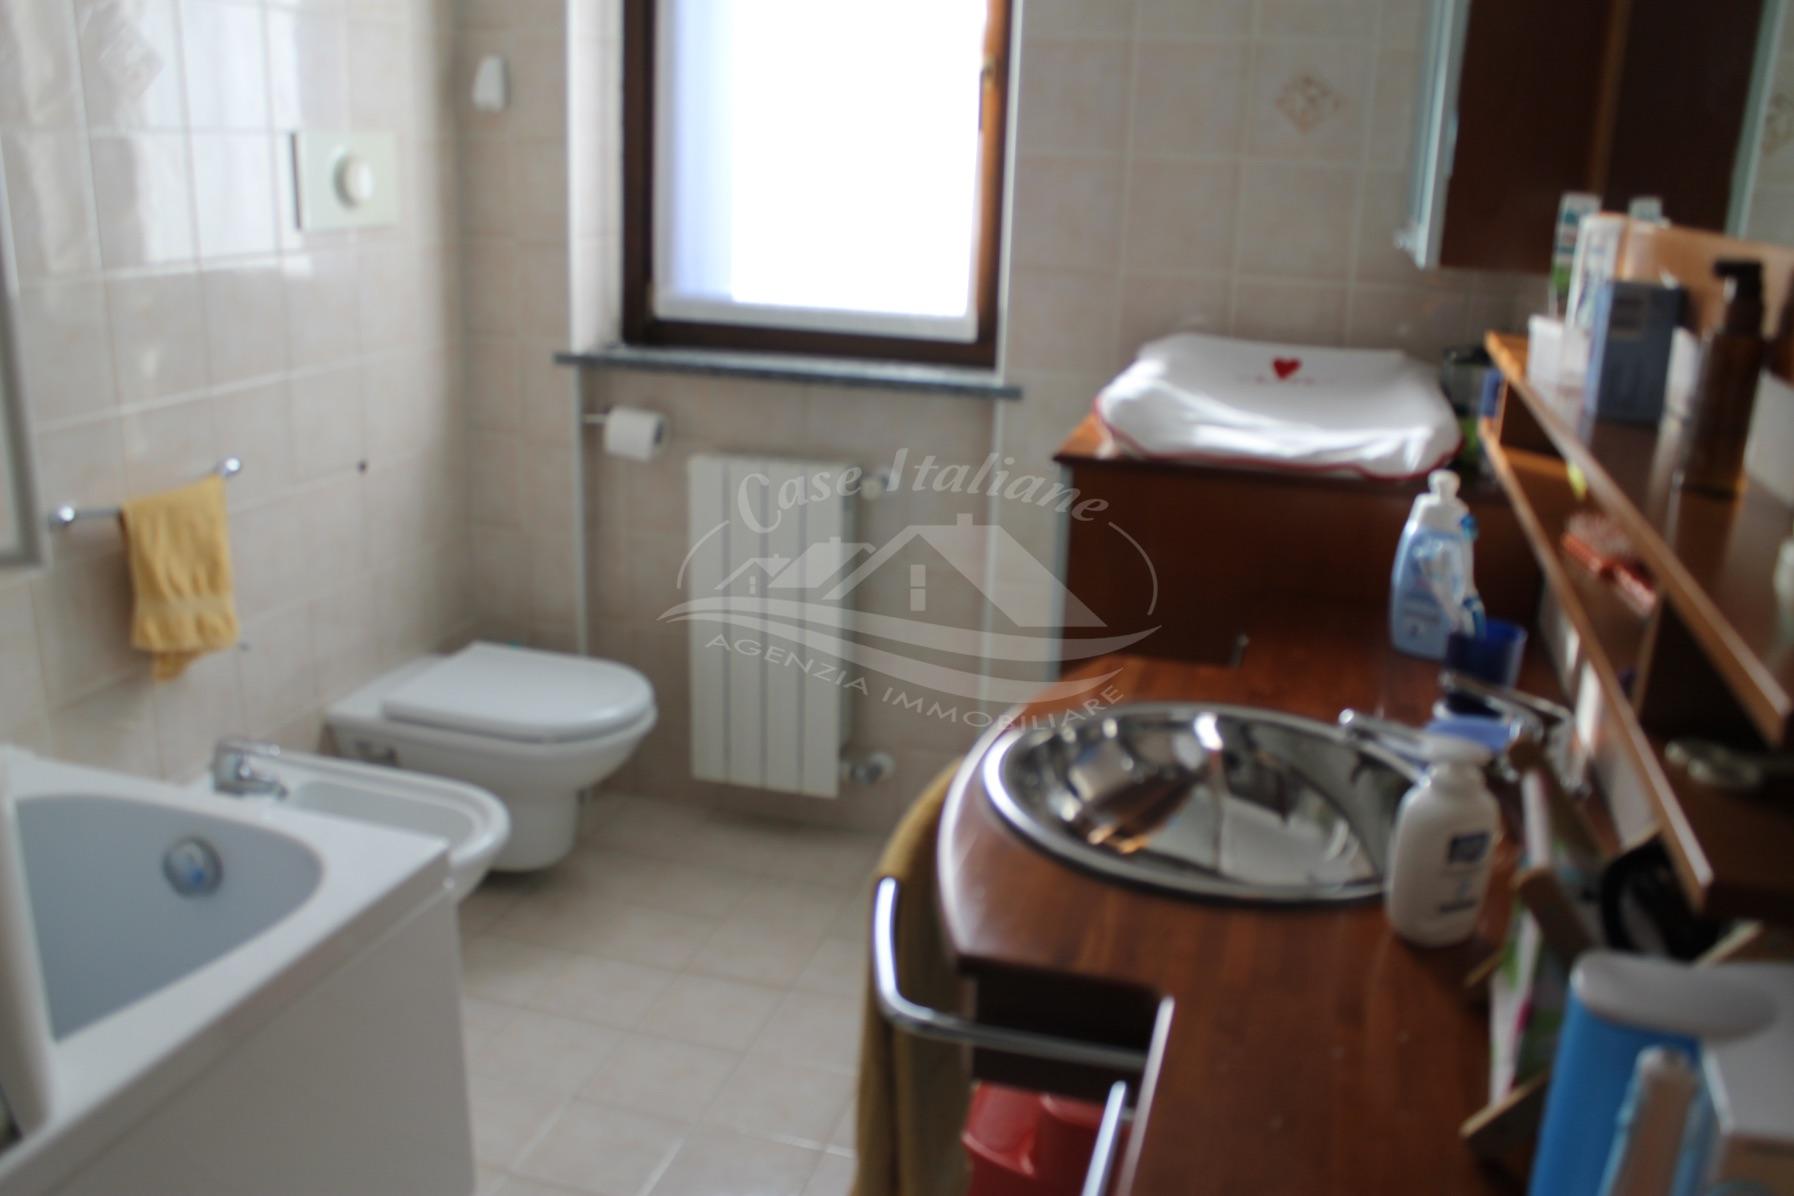 Foto immobili 2132 case italiane agenzia immobiliare cant for Negozi arredamento cantu